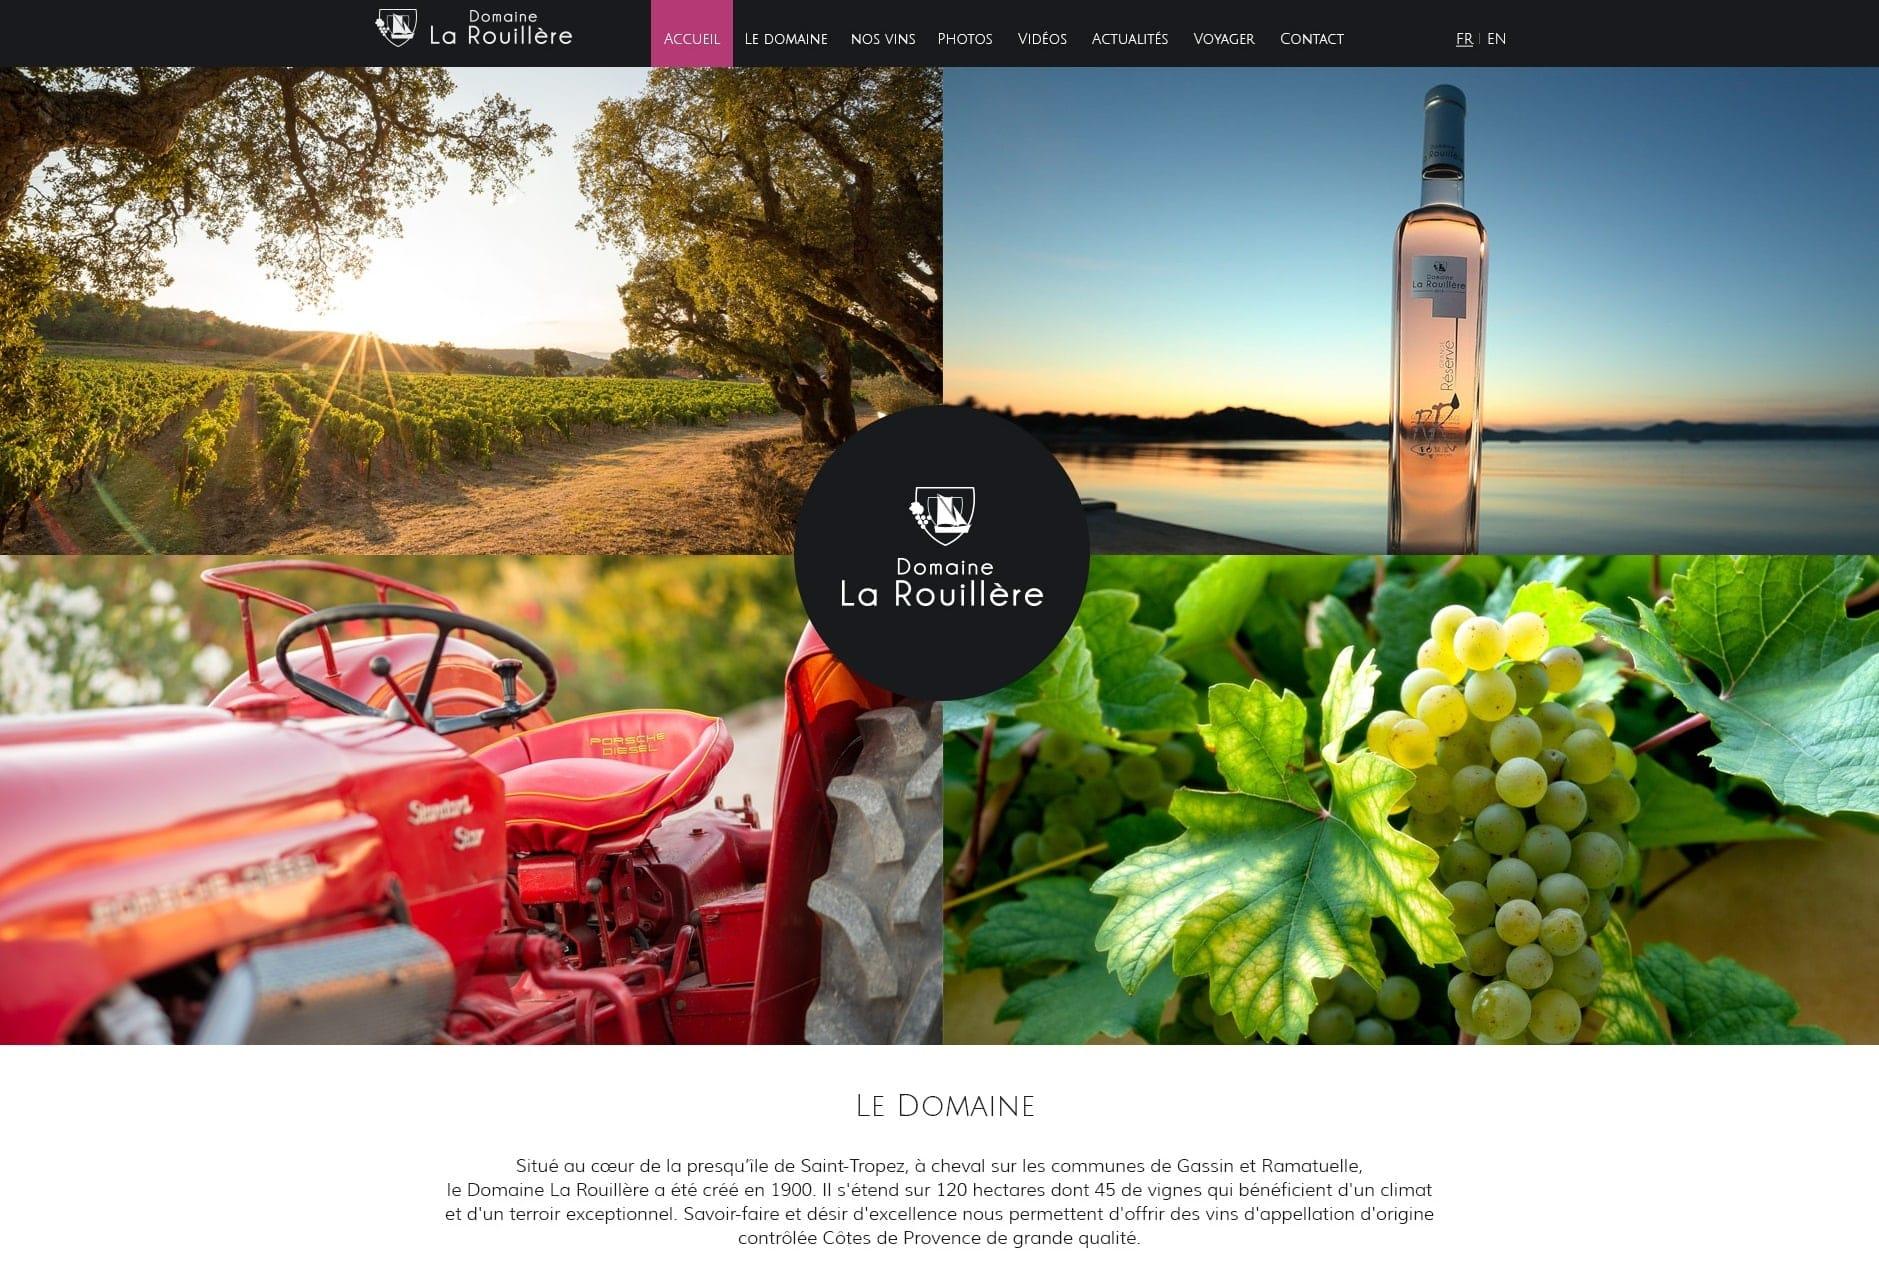 Identité visuelle du domaine viticole avec boutique de vente à la propriété, UX design et création des interfaces web / mobile du nouveau site internet responsive des vins du Domaine La Rouillère